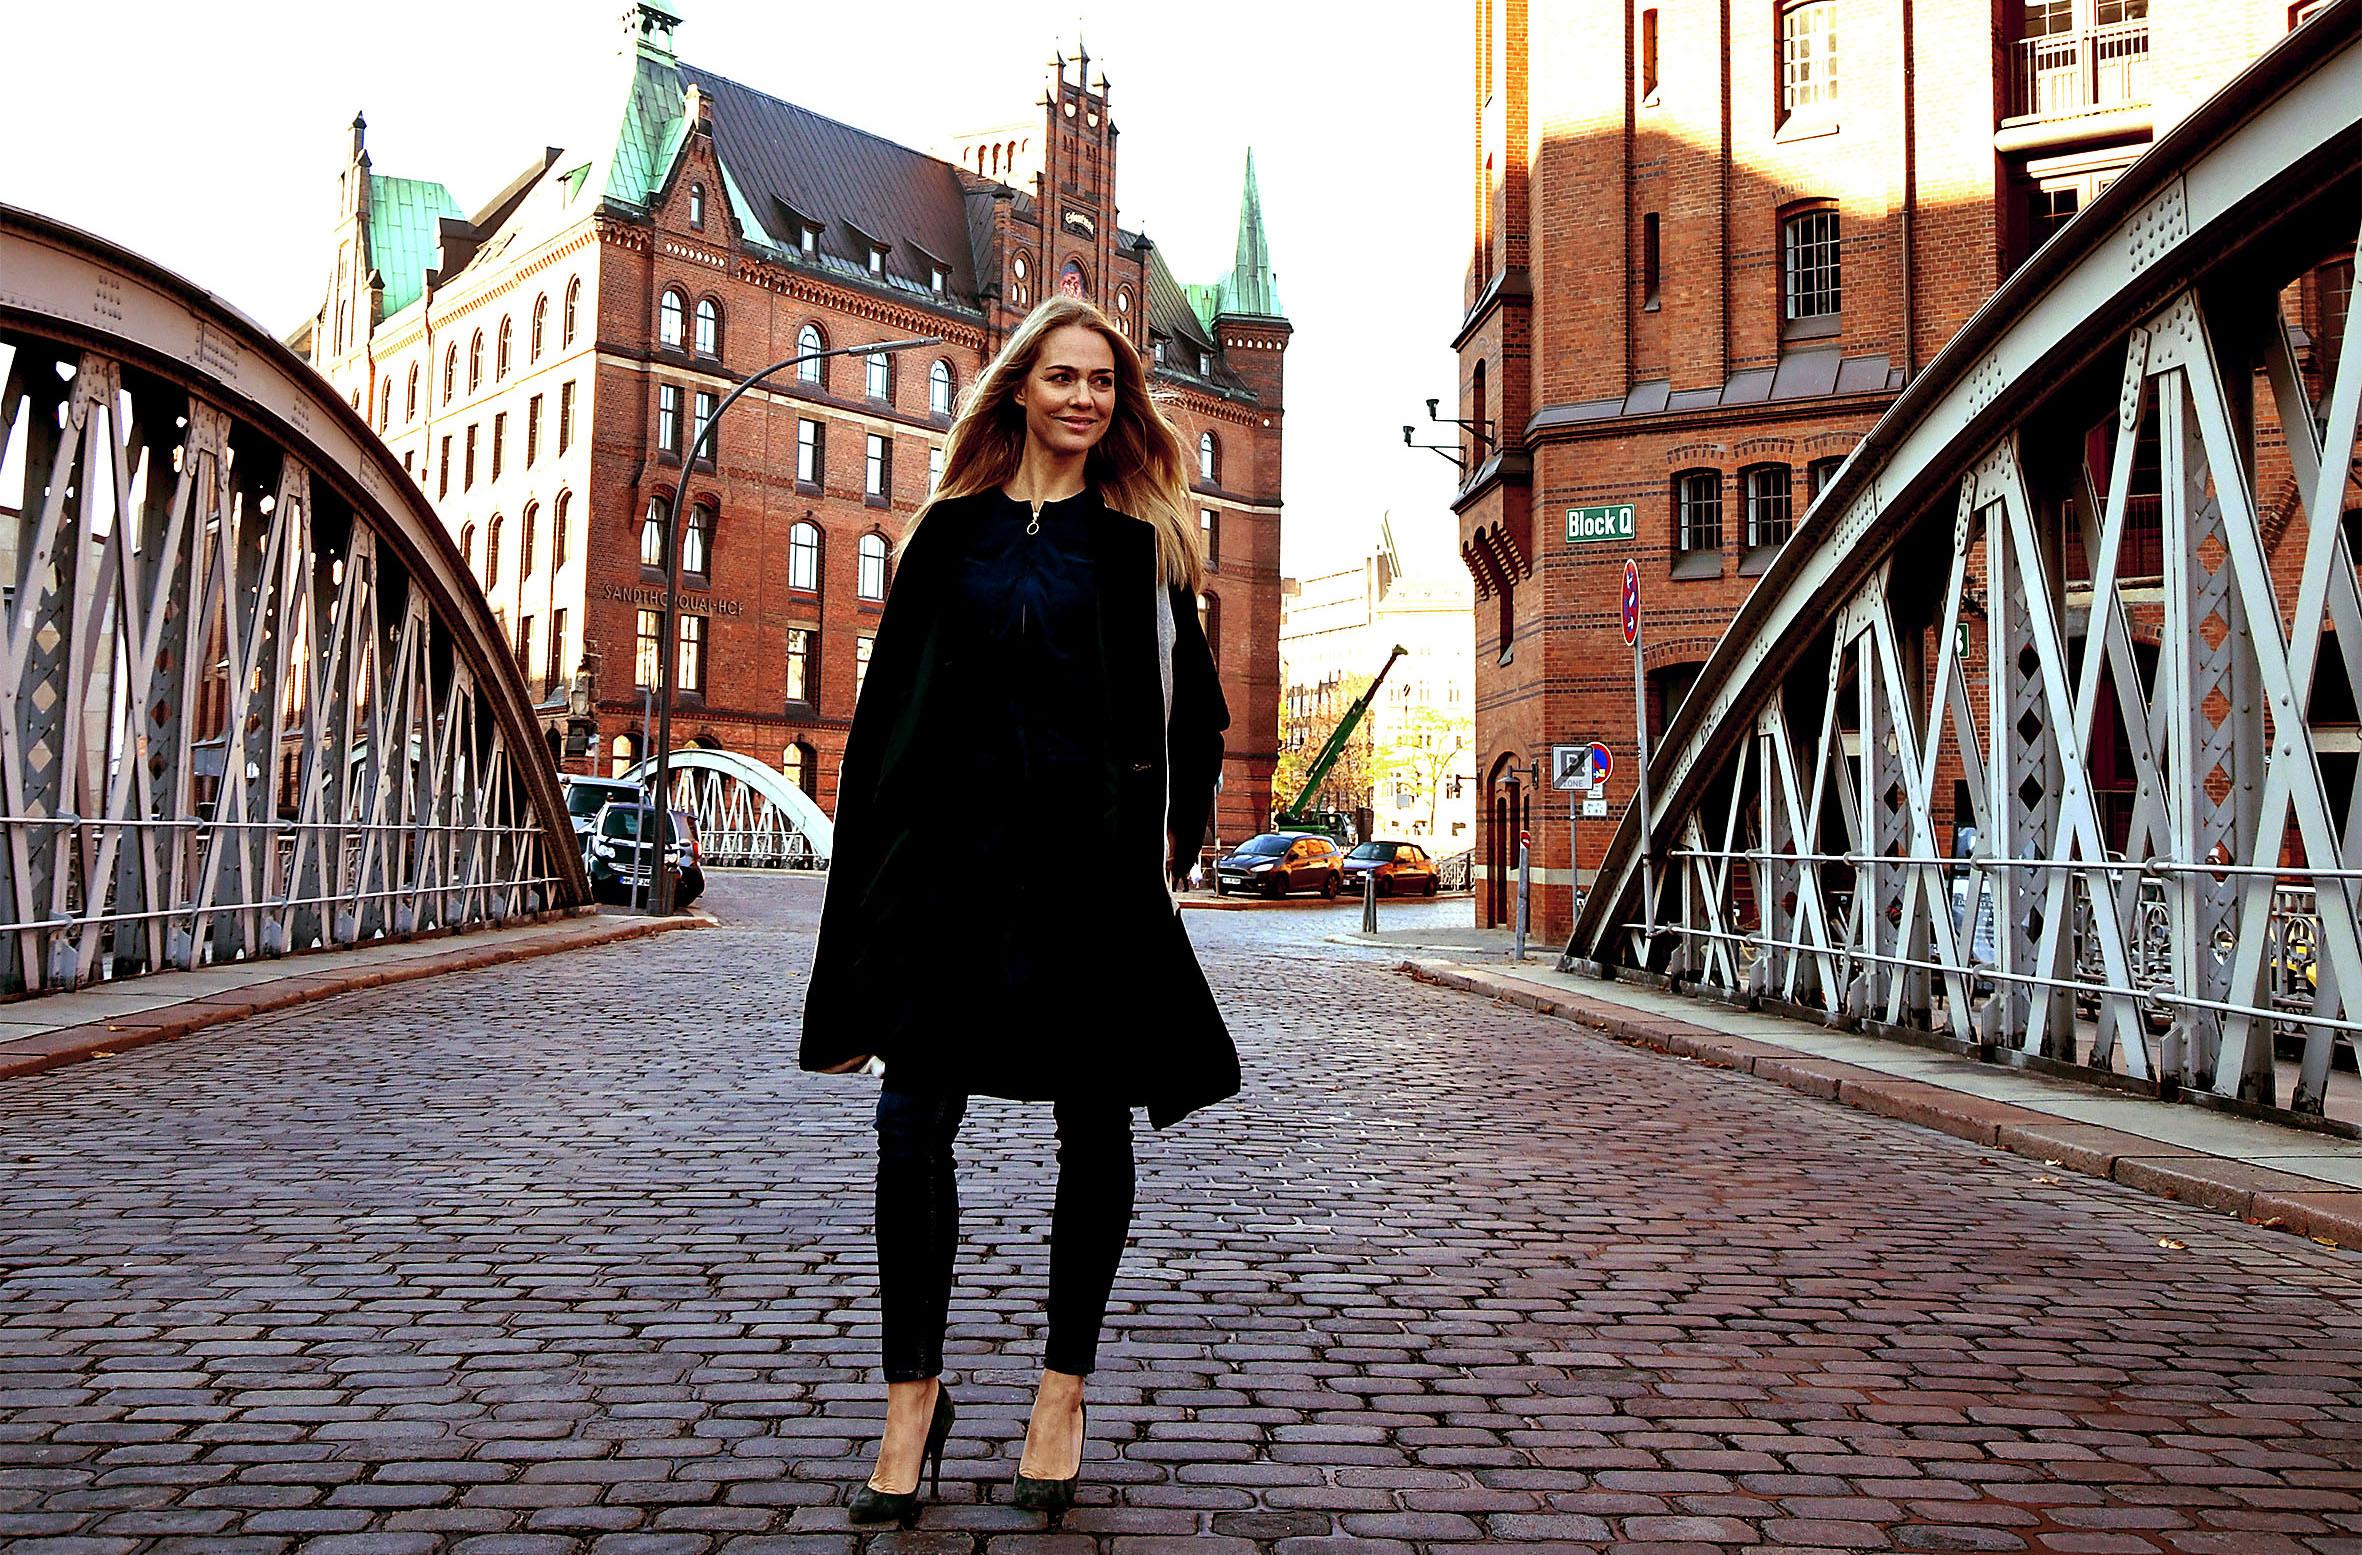 Foto: Michael B. Rehders - Nathalie von der Agentur Catwalk in der Speicherstadt.